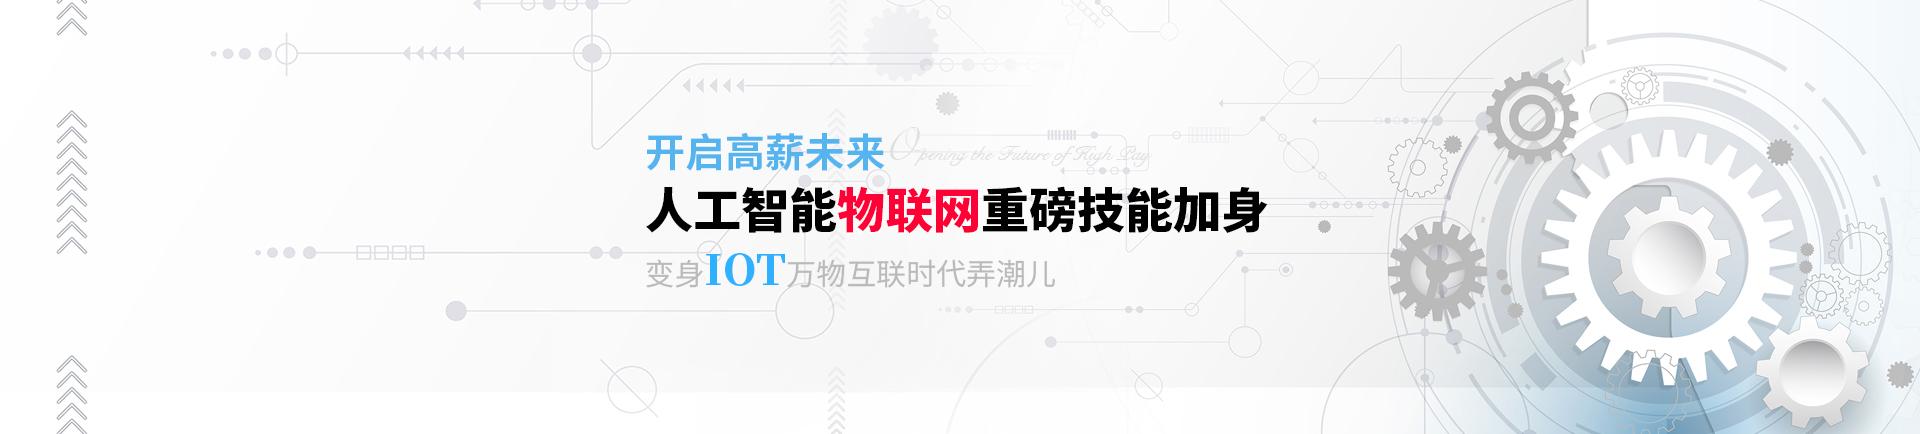 人工智能物�网�磅技能加身 �身IOT万物互�时代弄潮儿-nanjing